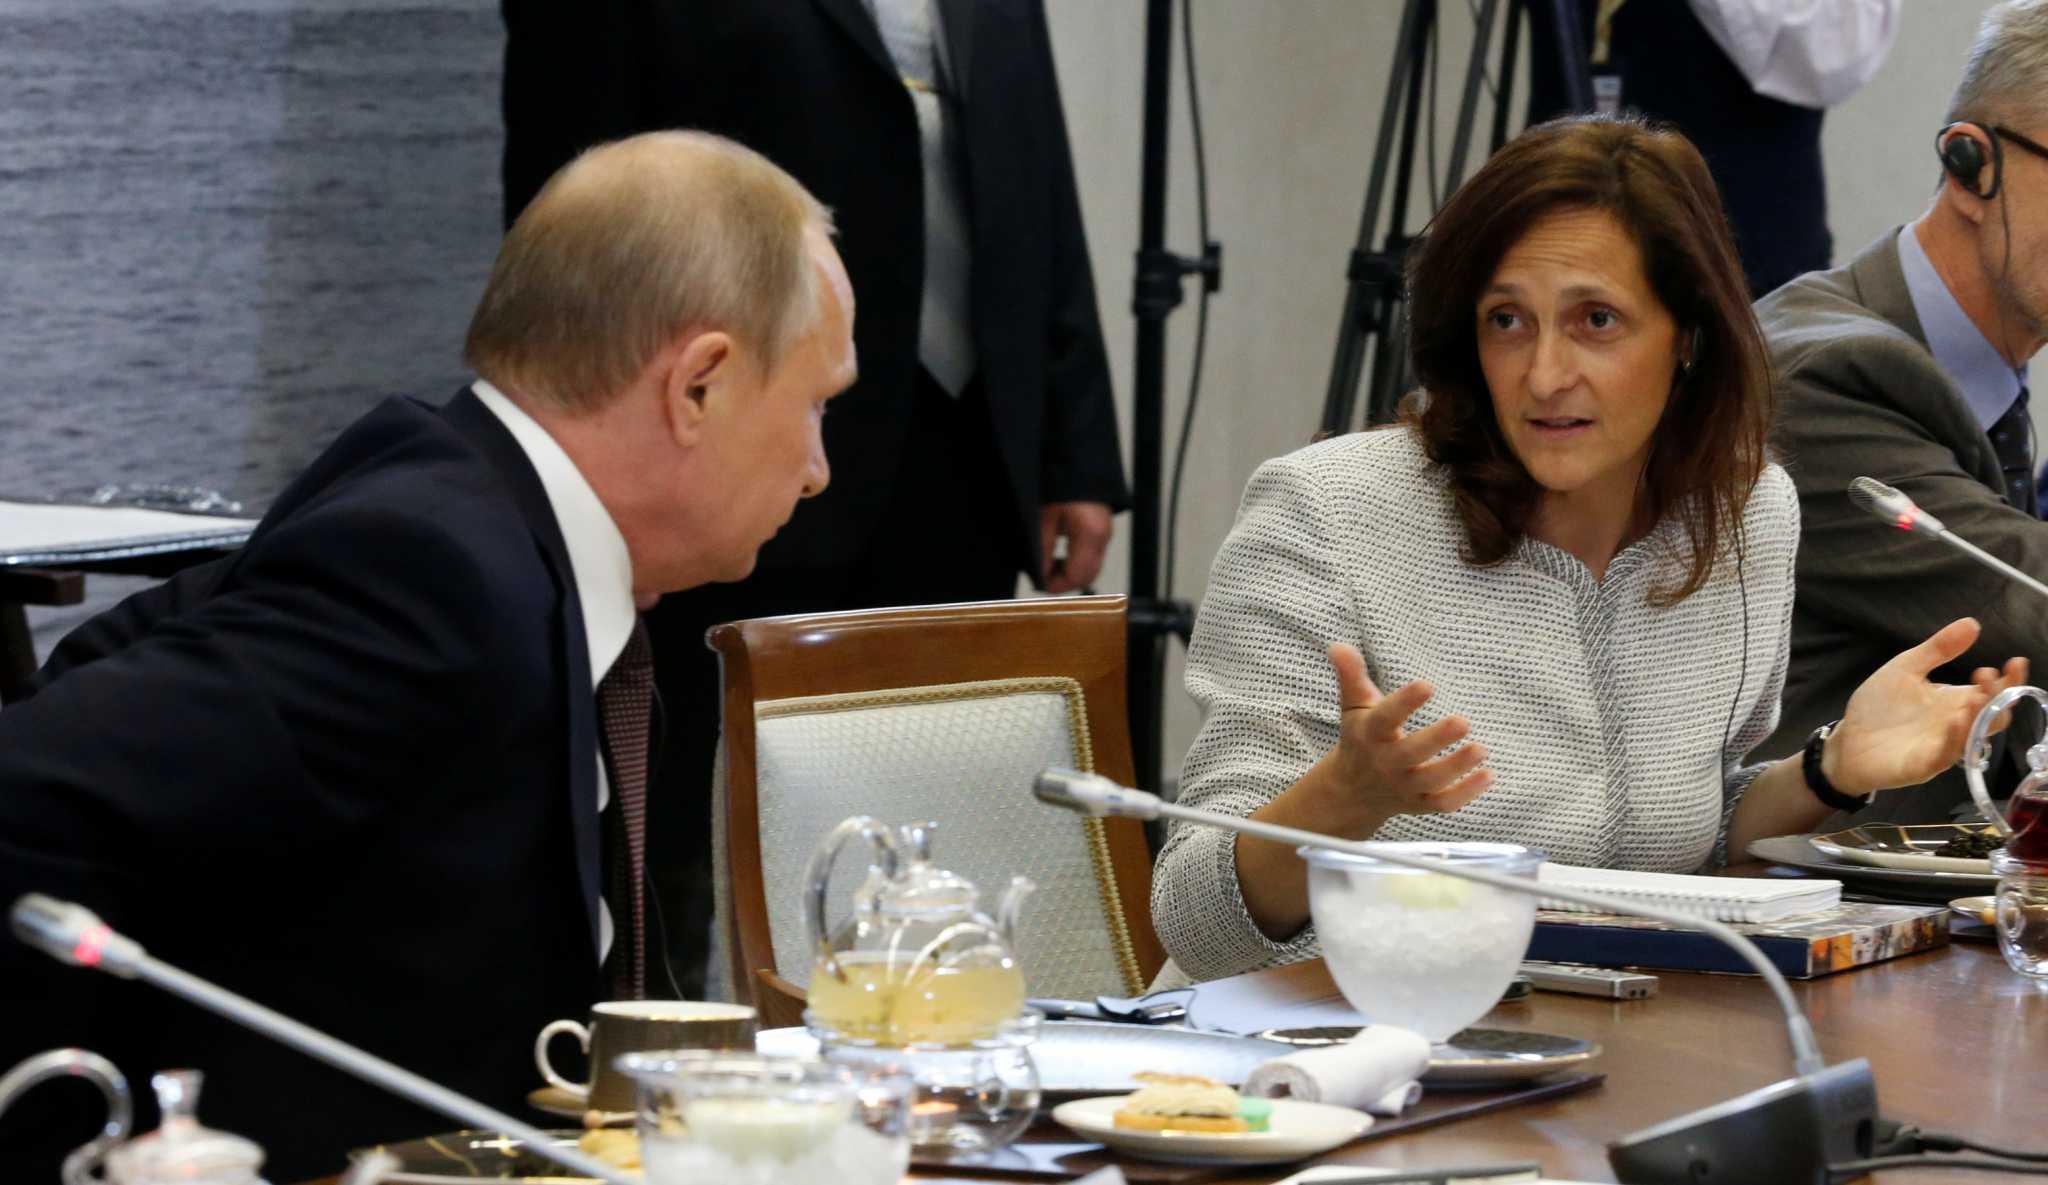 Το Reuters αποκτά την πρώτη γυναίκα διευθύντρια στα 170 χρόνια λειτουργίας του